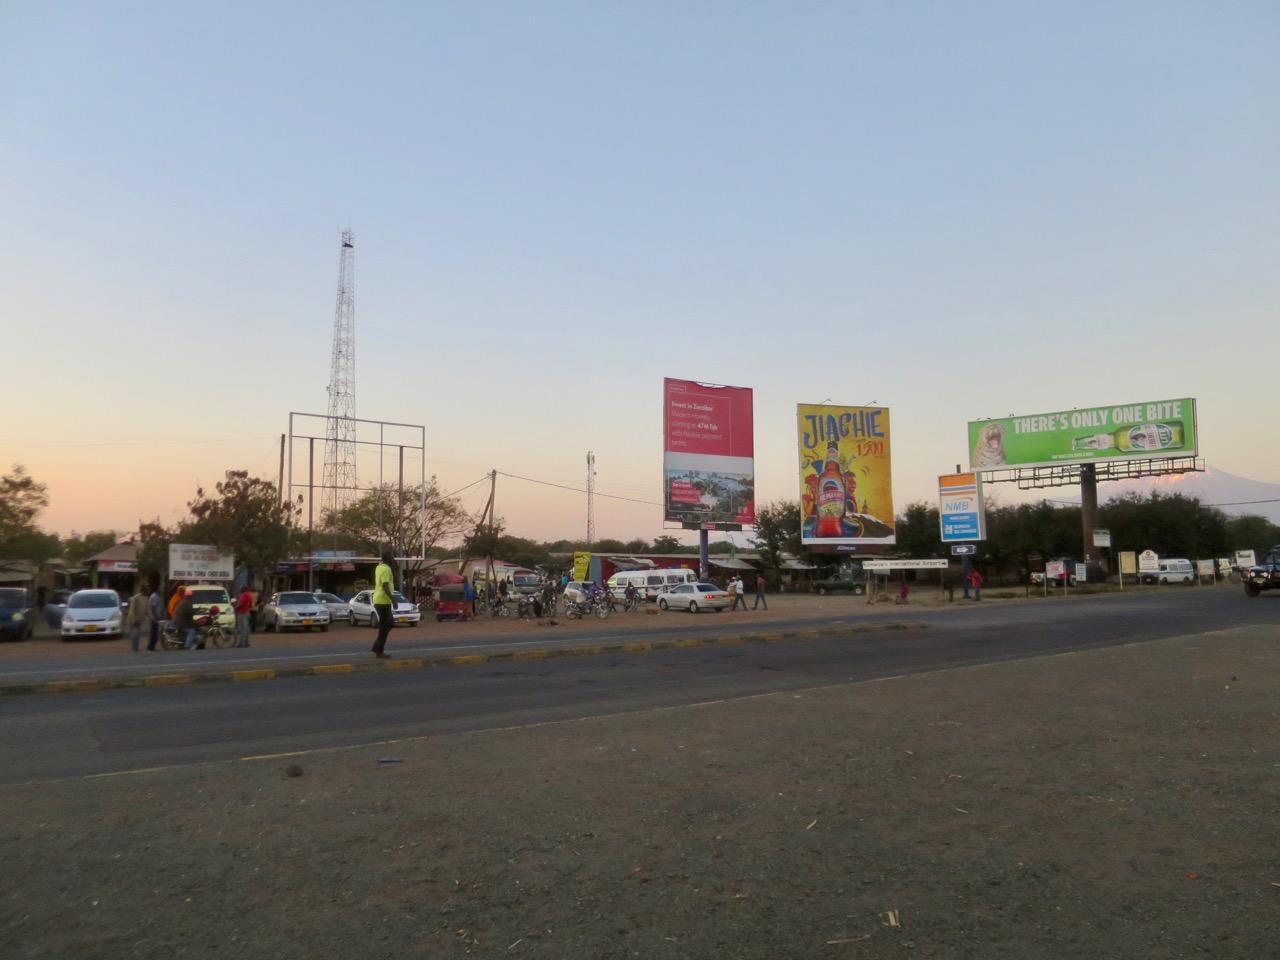 Tanzania chegada 1 11